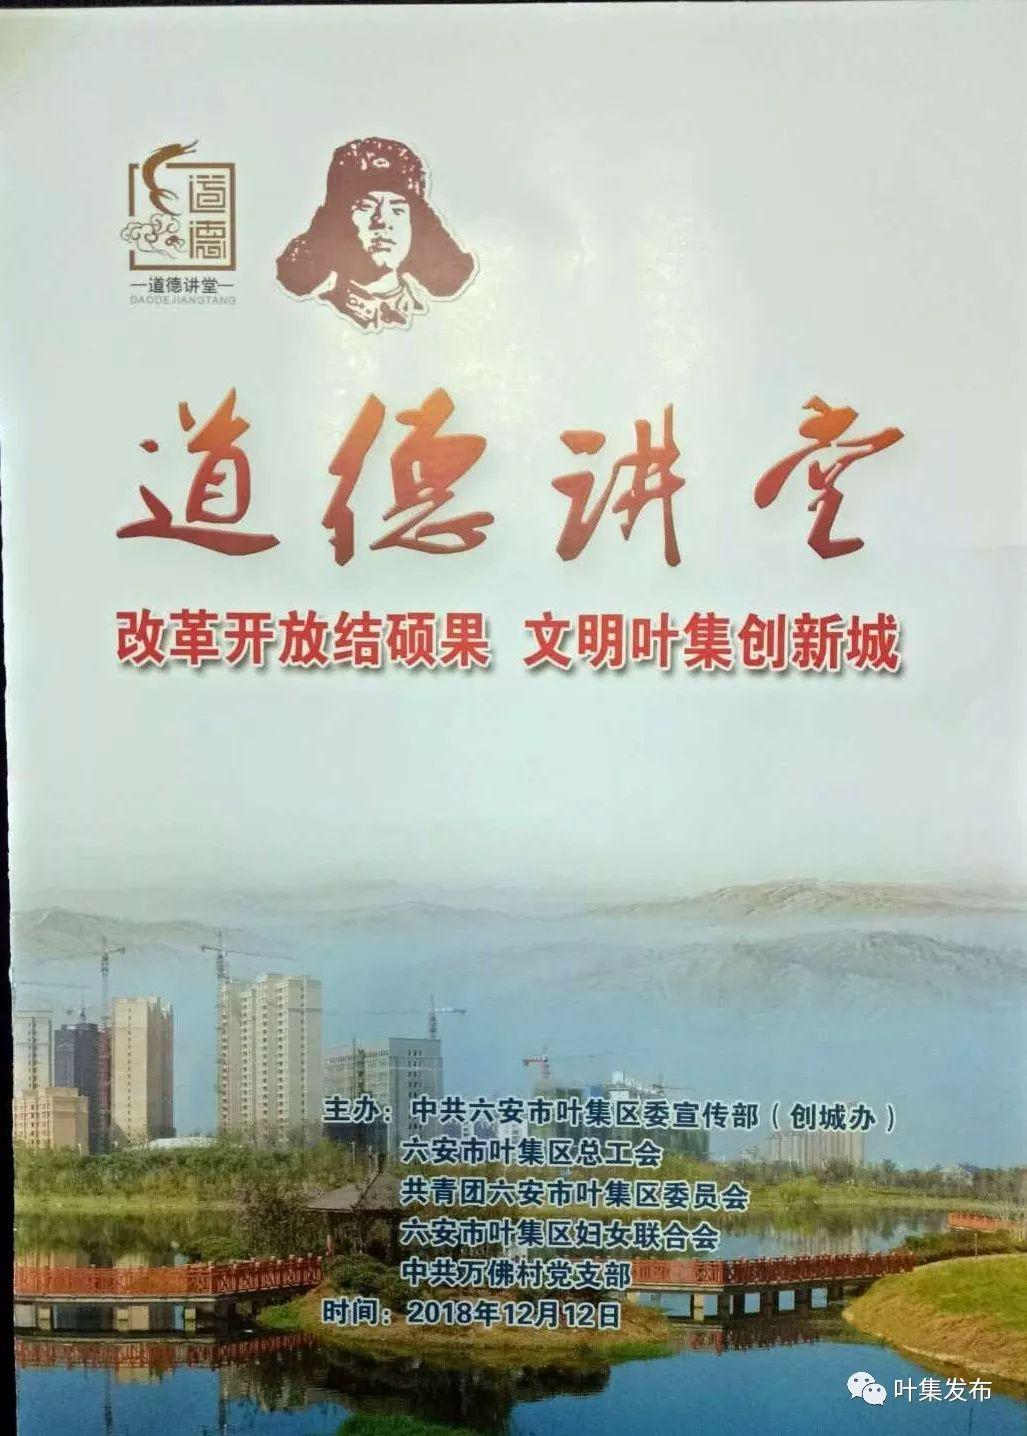 澳门太阳城官网区组织开展纪念改革开放四十周年主题道德讲堂